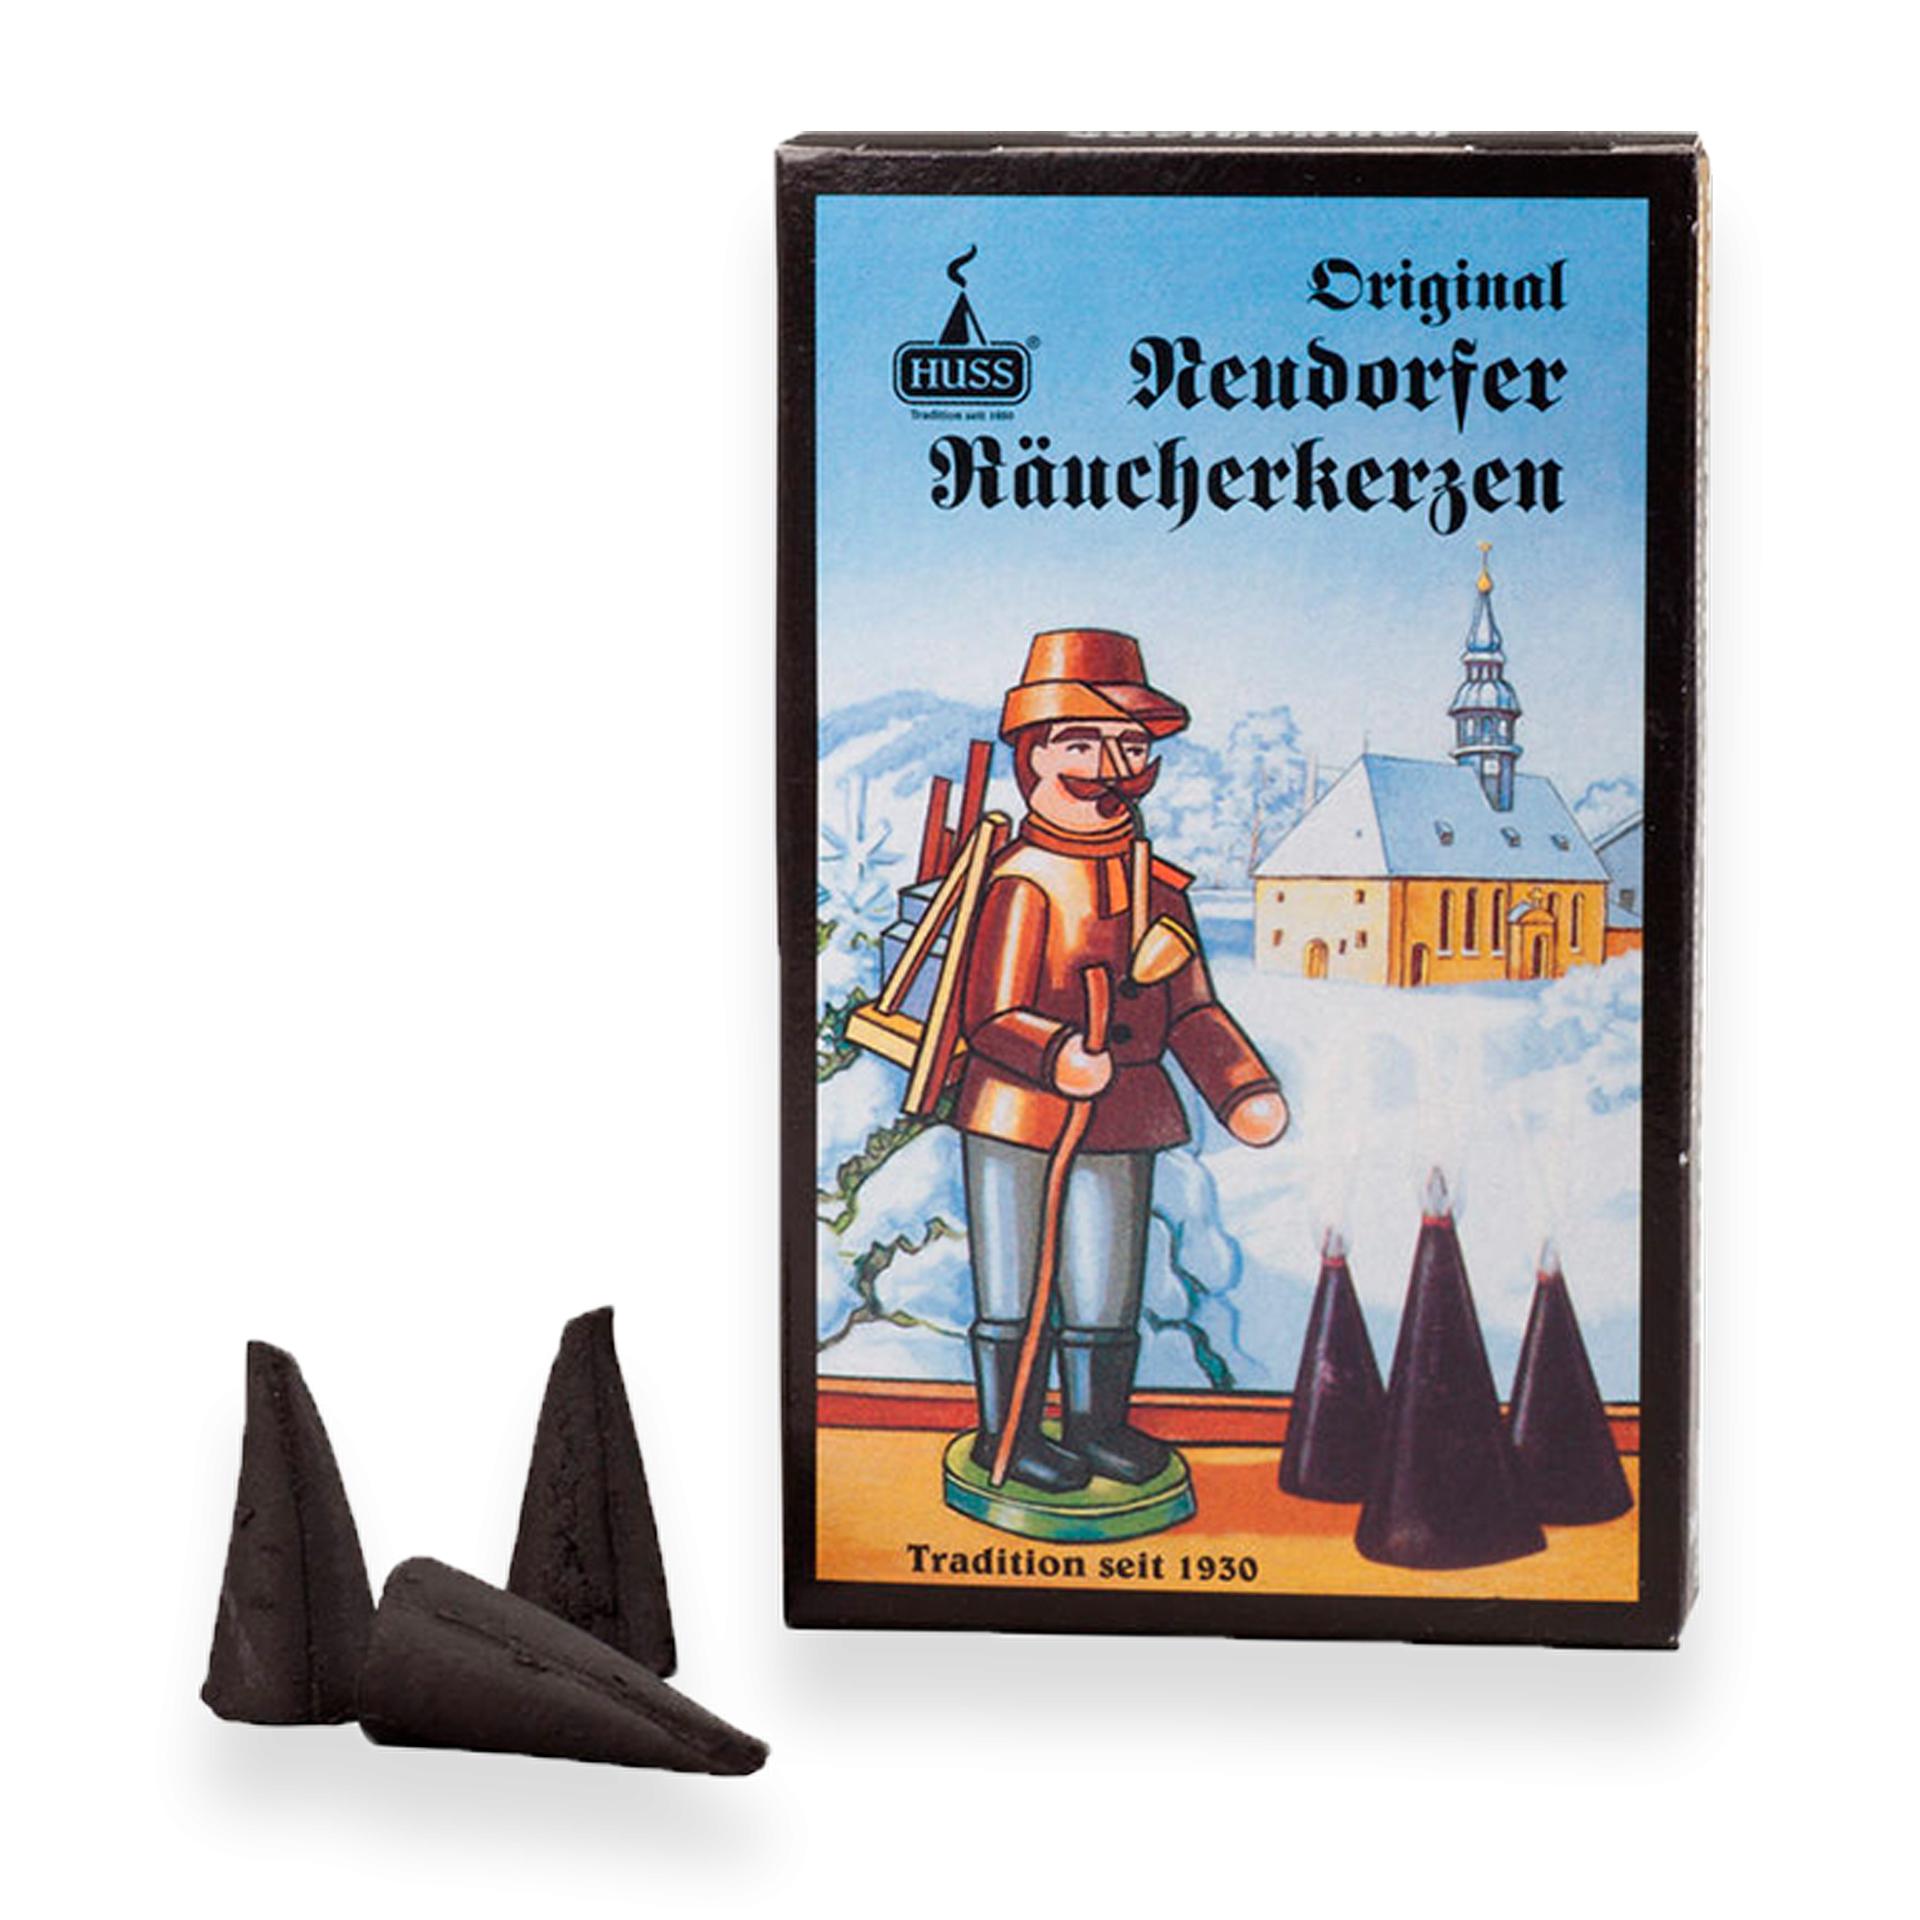 Original Neudorfer Räucherkerzen Weihnachtsduft